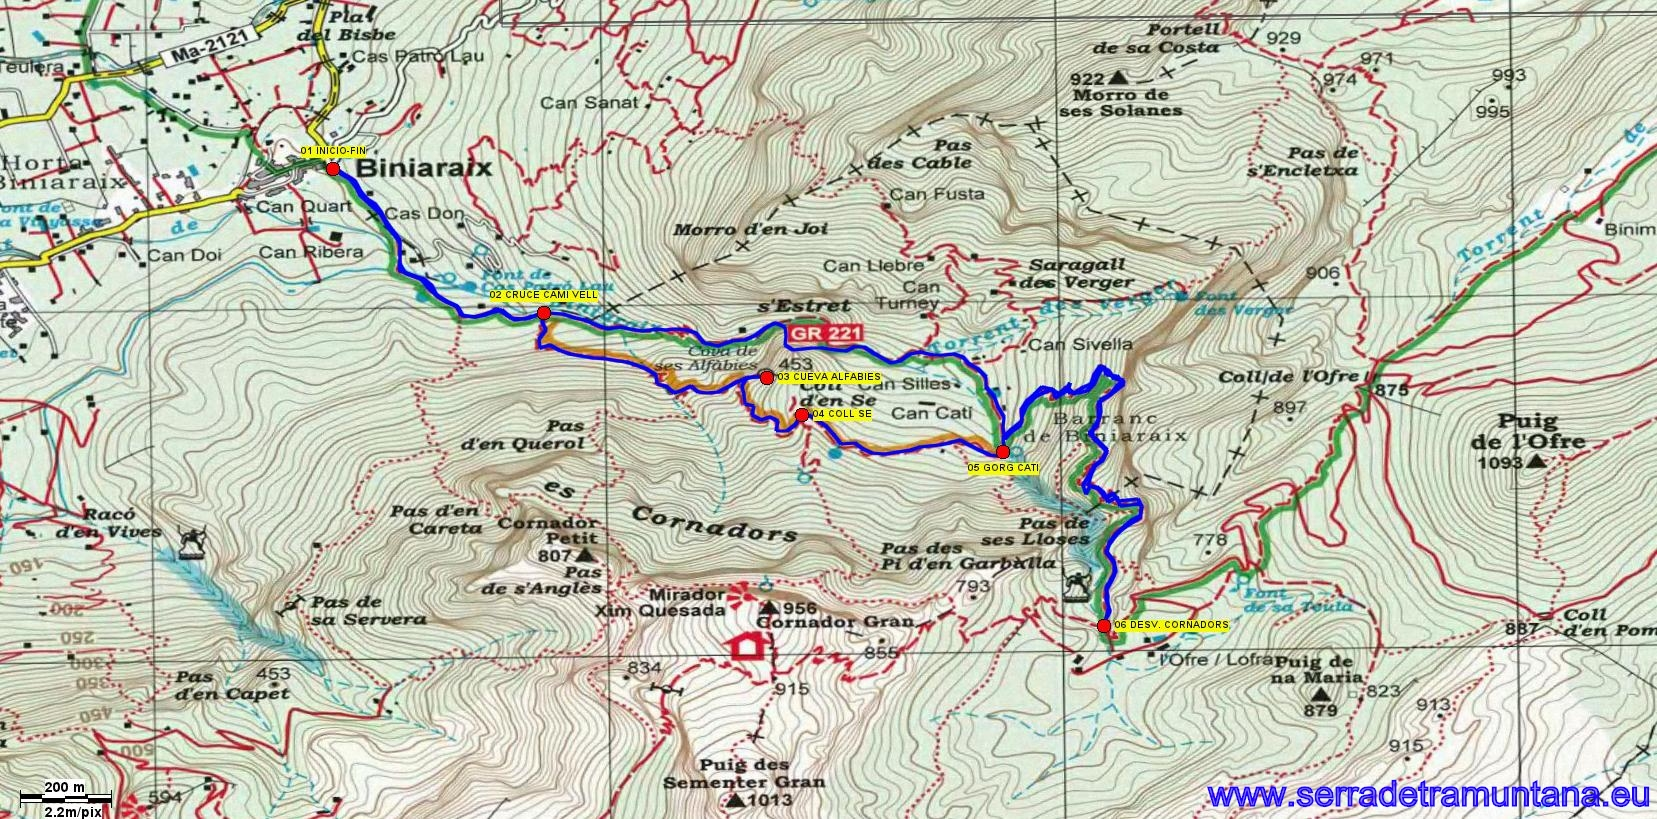 Recorte del mapa de Alpina con la ruta realizada